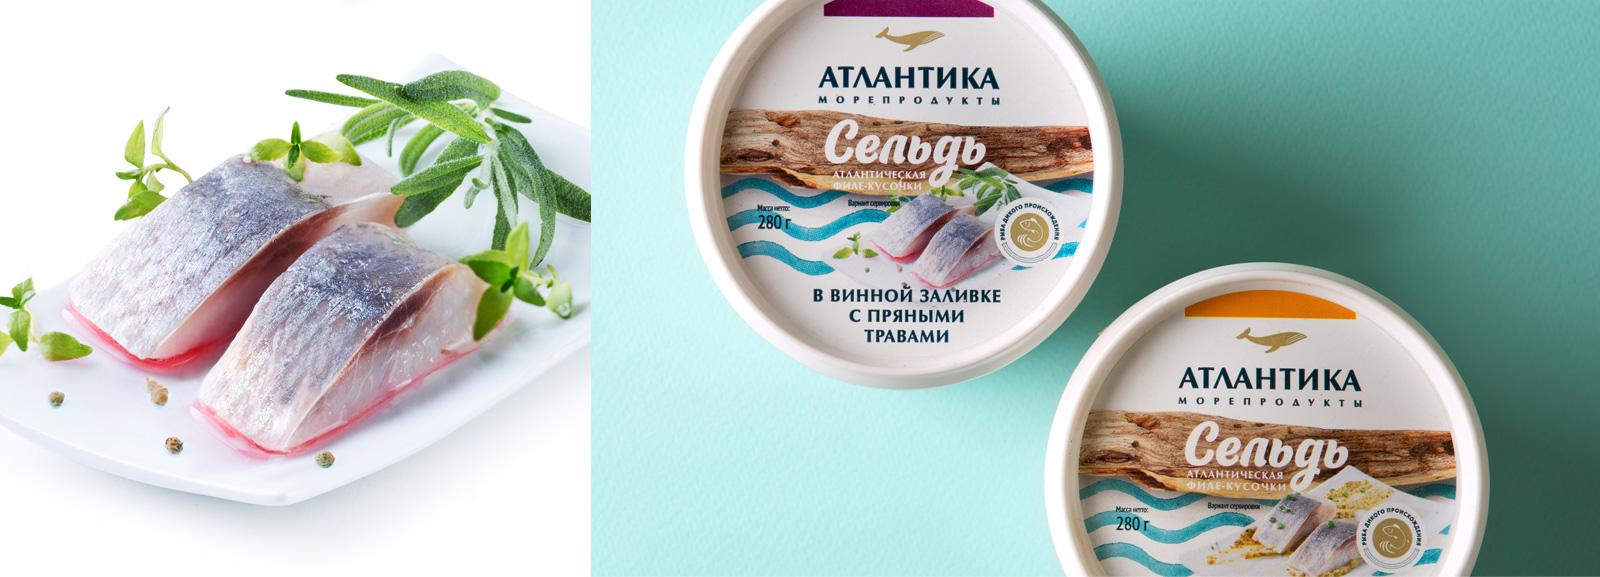 Дизайн этикетки сельди «Атлантика» формирует уникальный запоминающийся образ бренда и качественно отстраивает его от конкурентов